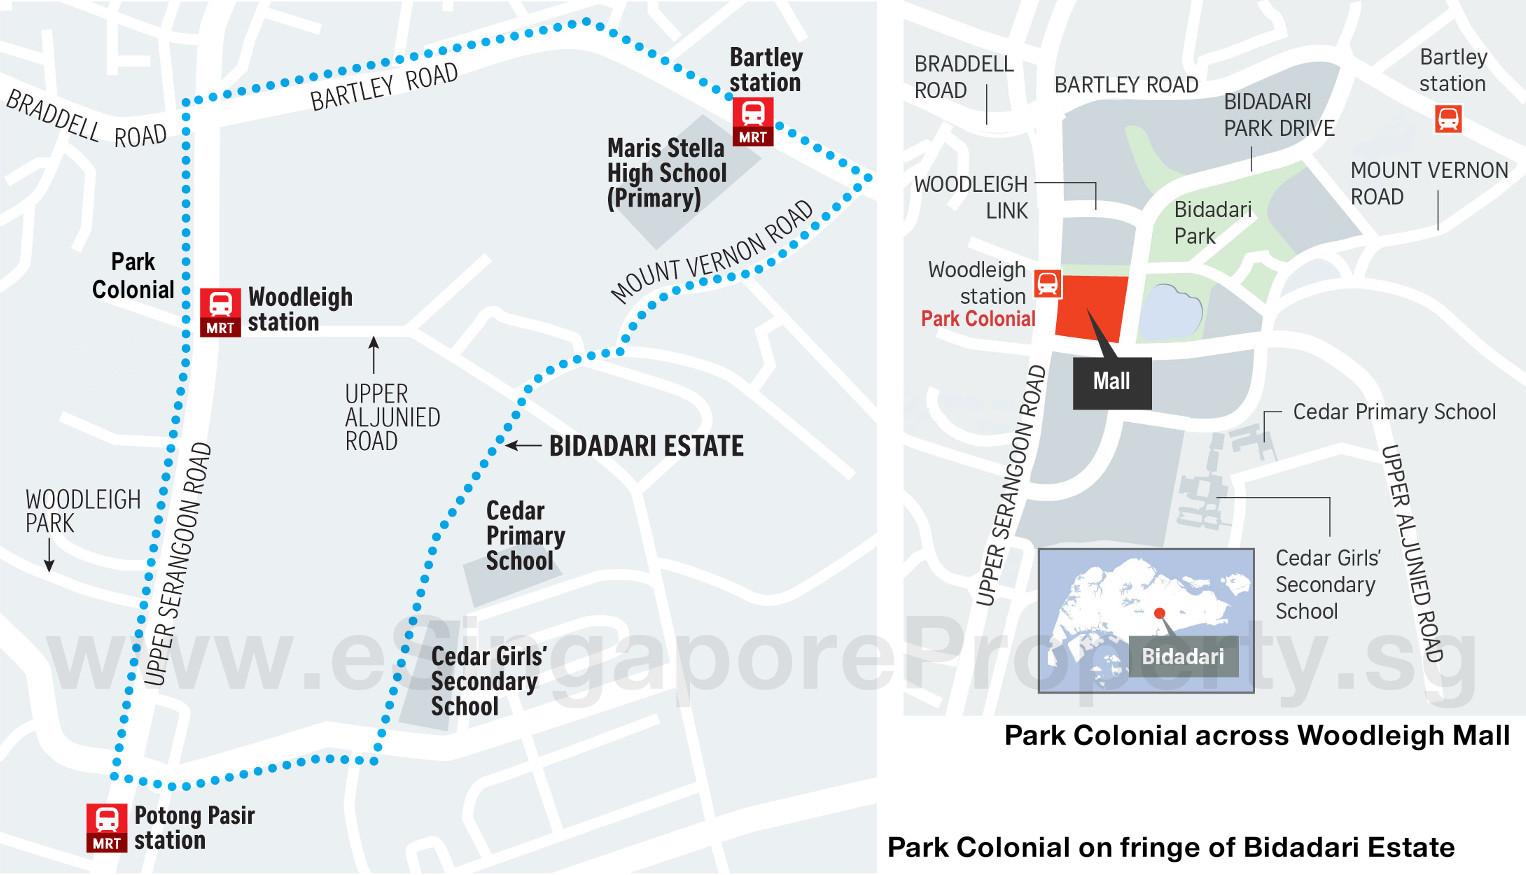 Parc Colonial Condo Location Plan Bidadari Estate